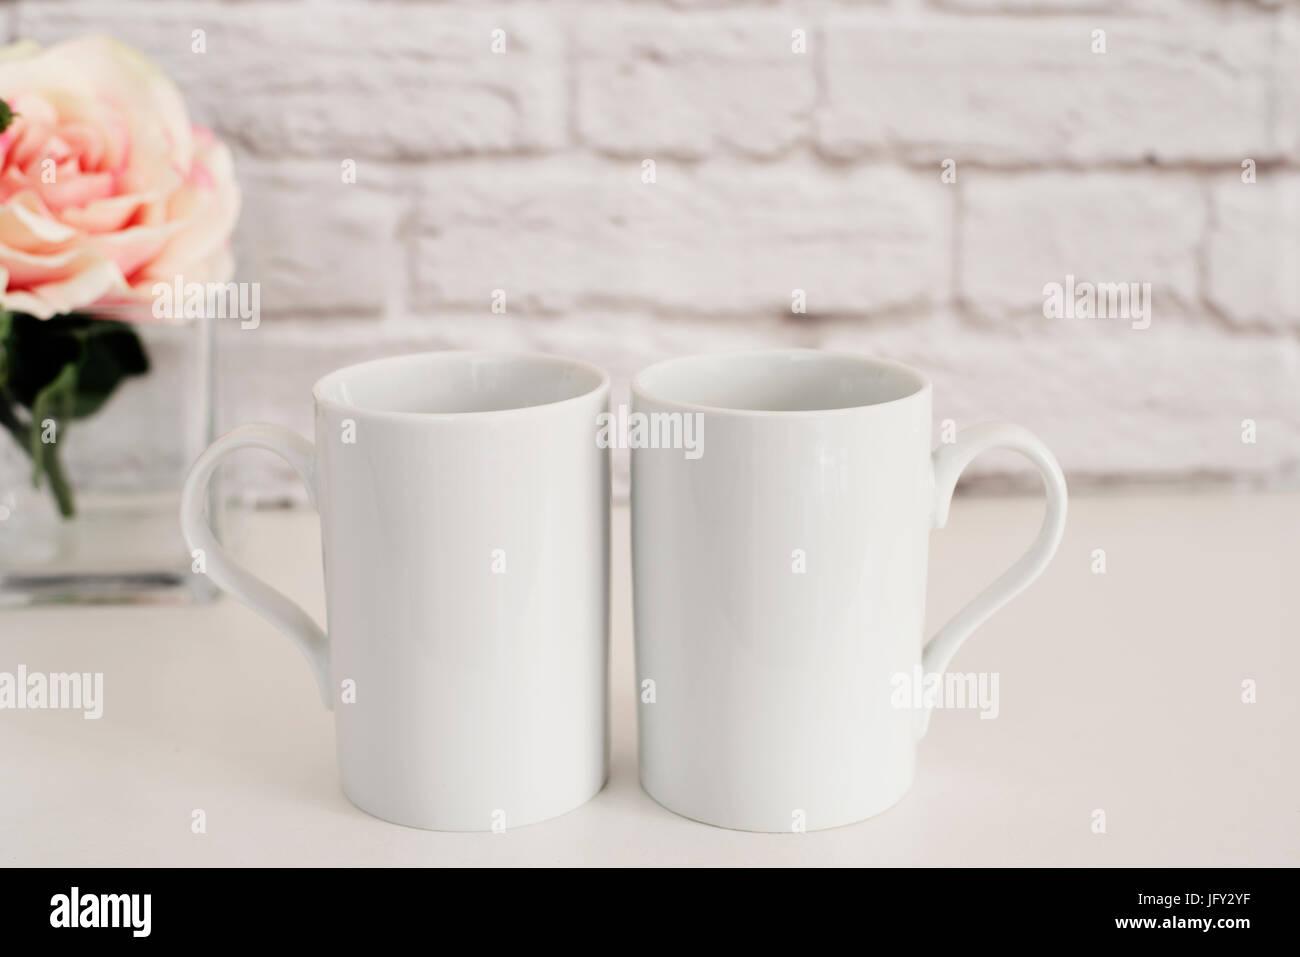 two mugs white mugs mockup blank white coffee mug mock up styled